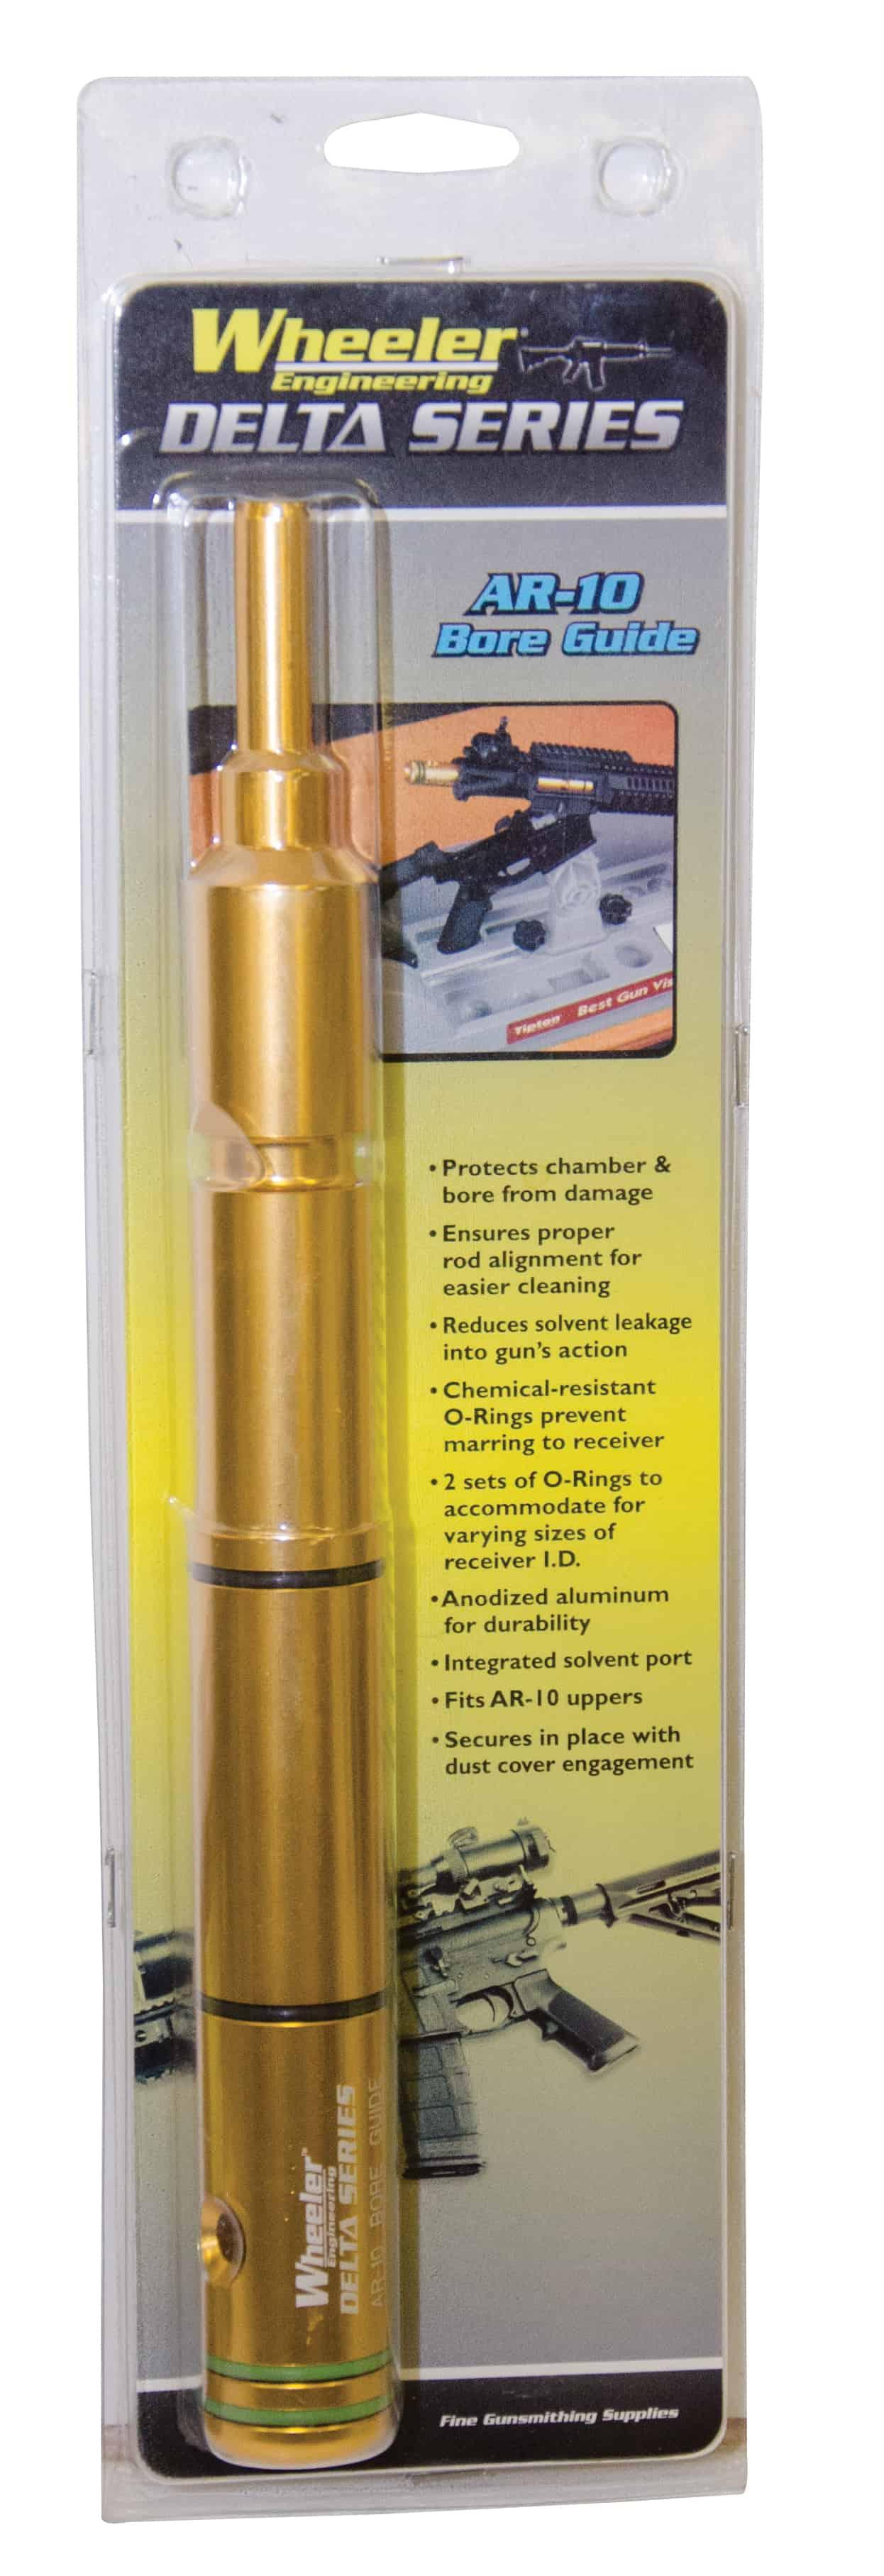 Delta Series AR-10 Bore Guide - 156777 AR 10 boreguide box